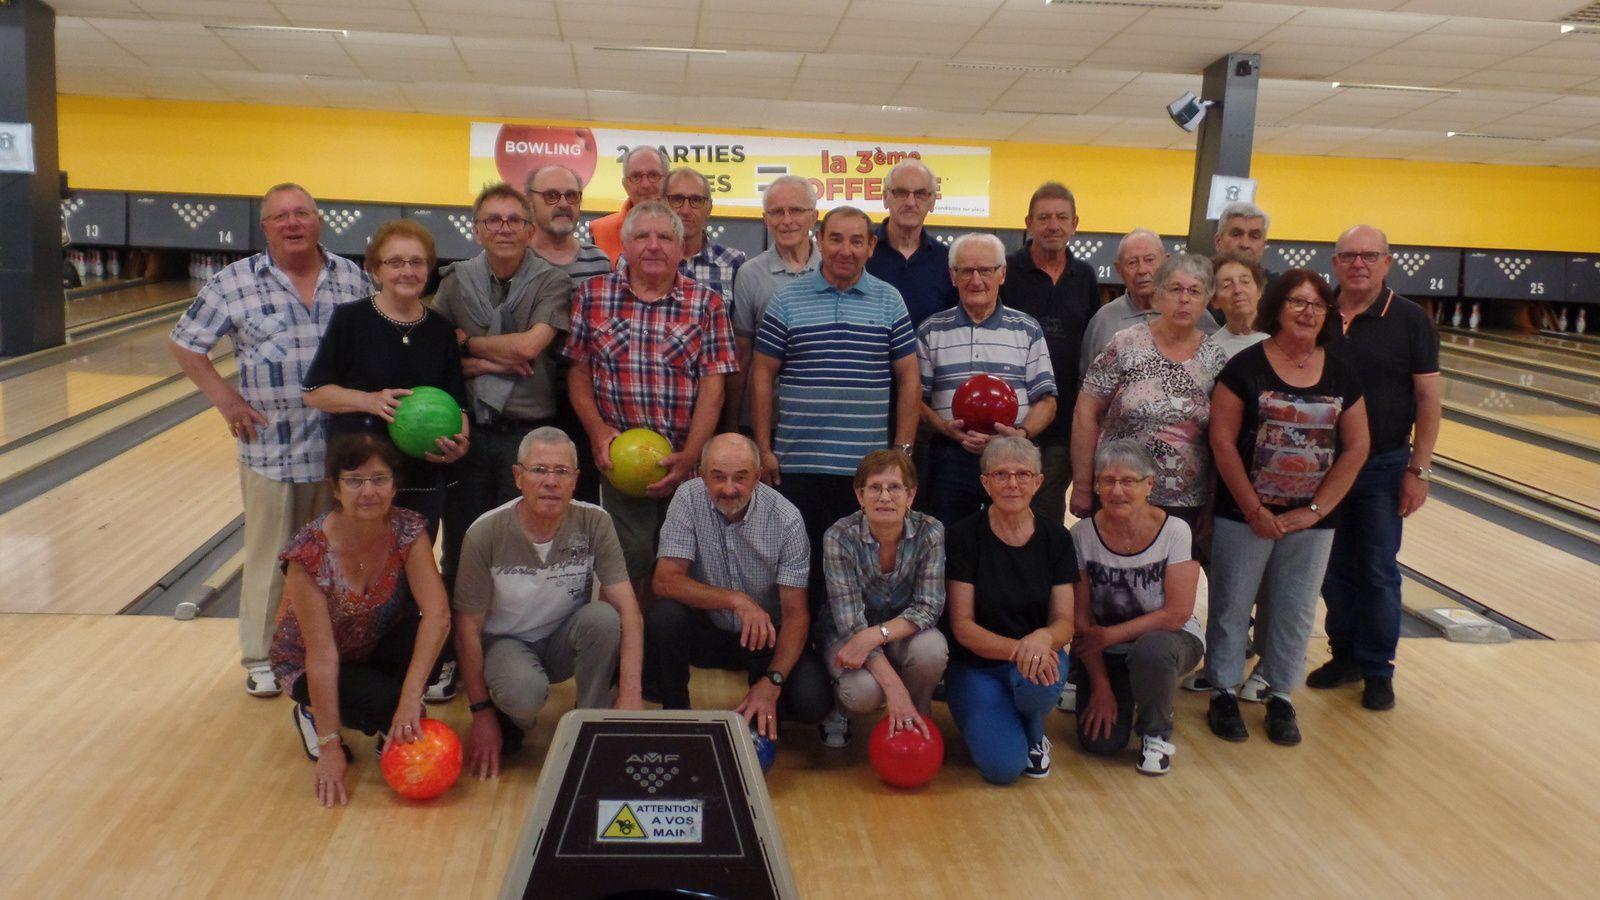 Résultat bowling du 07 06 2018